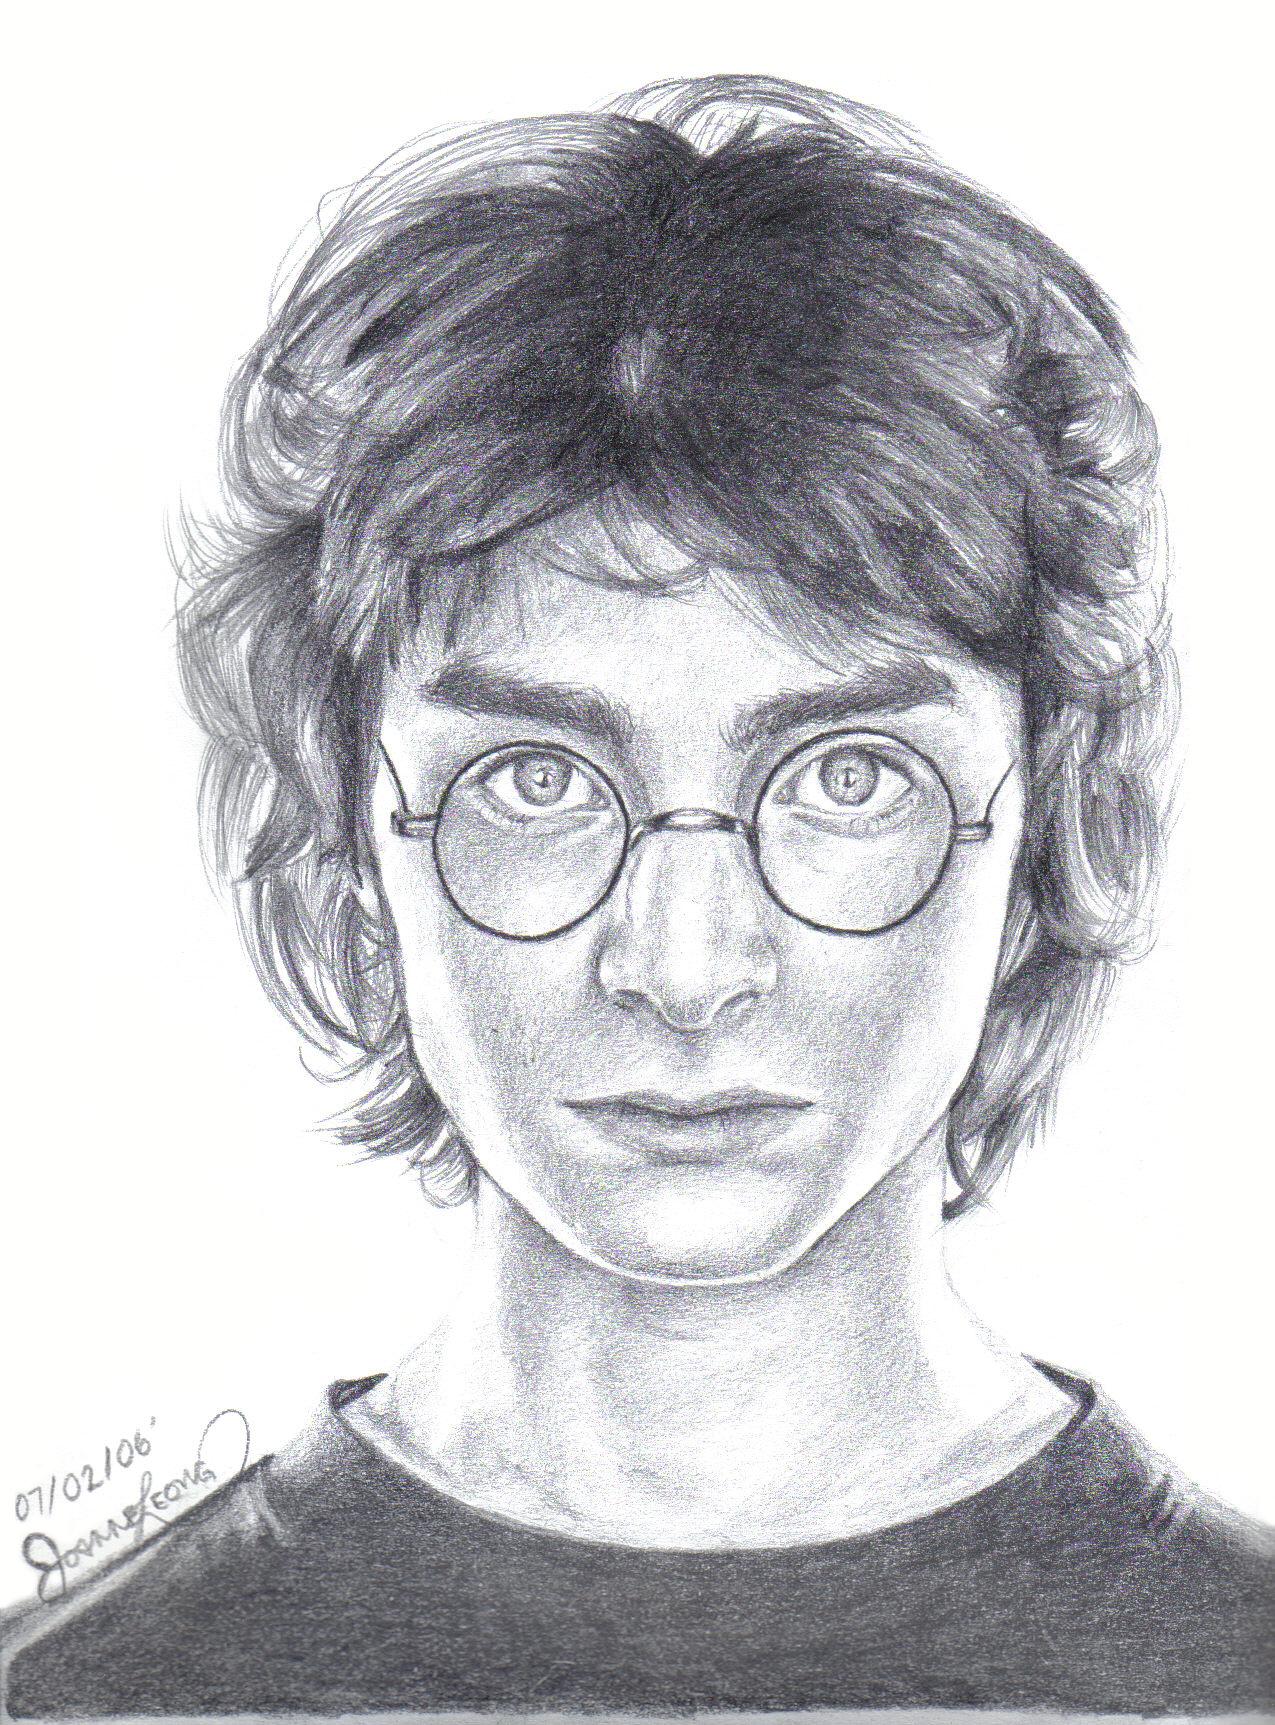 Portrait of Harry Potter. Pencil.